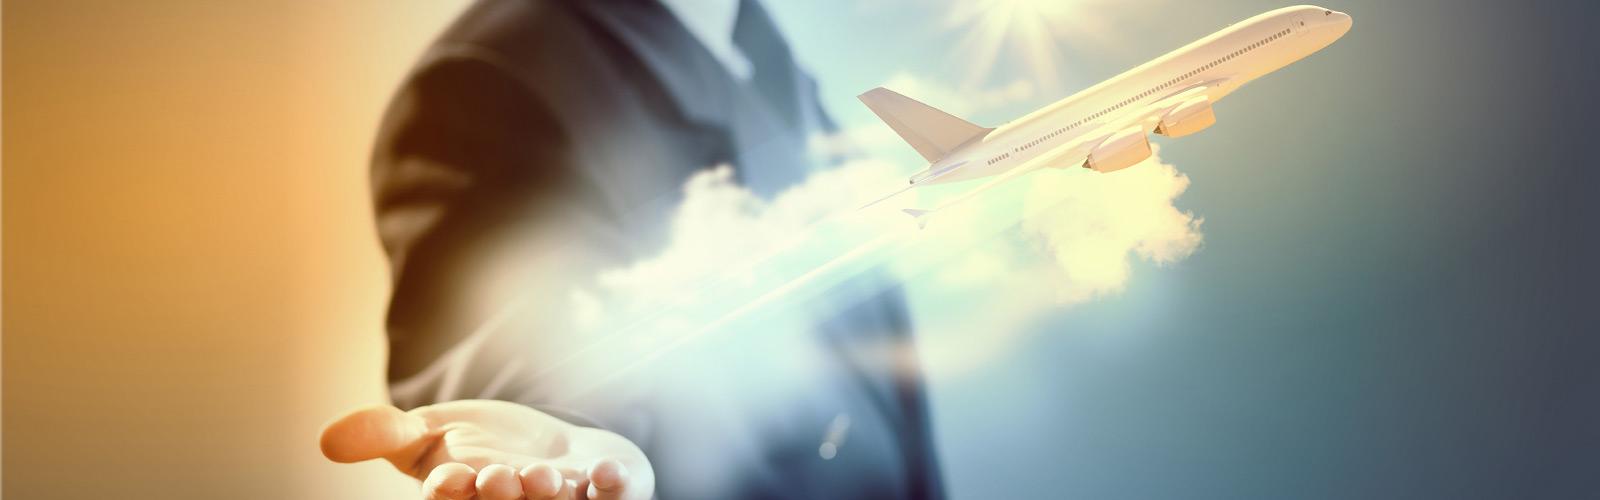 slider-travel-insurance